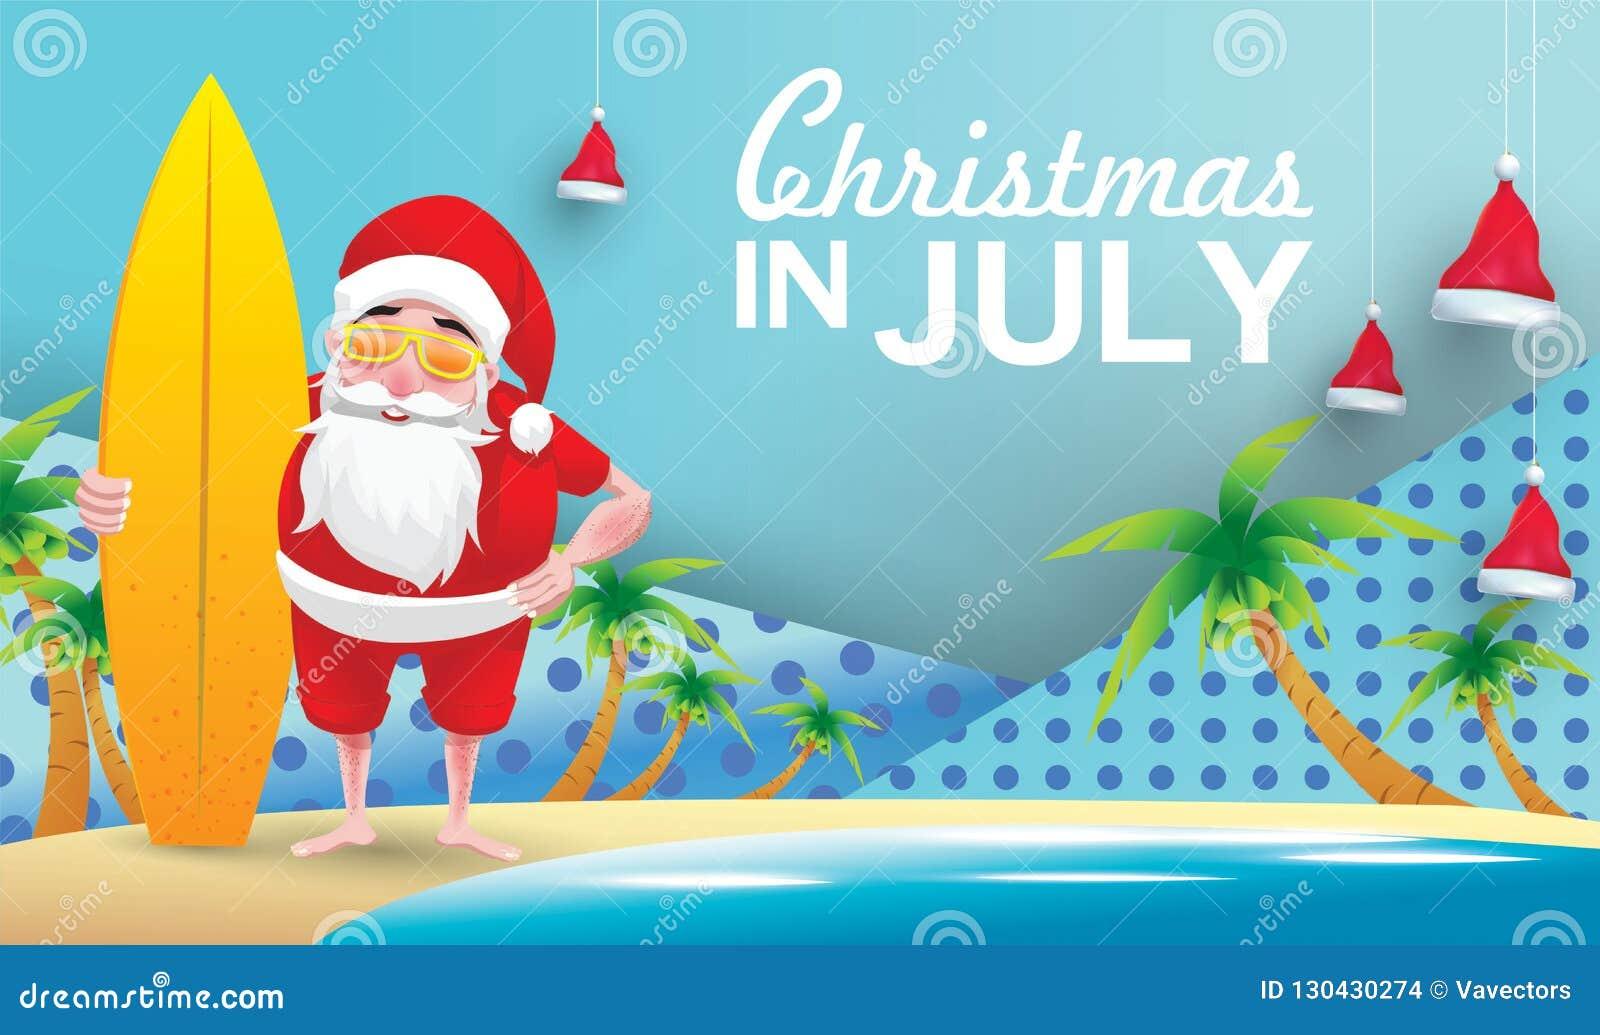 Christmas July Stock Illustrations 6 268 Christmas July Stock Illustrations Vectors Clipart Dreamstime